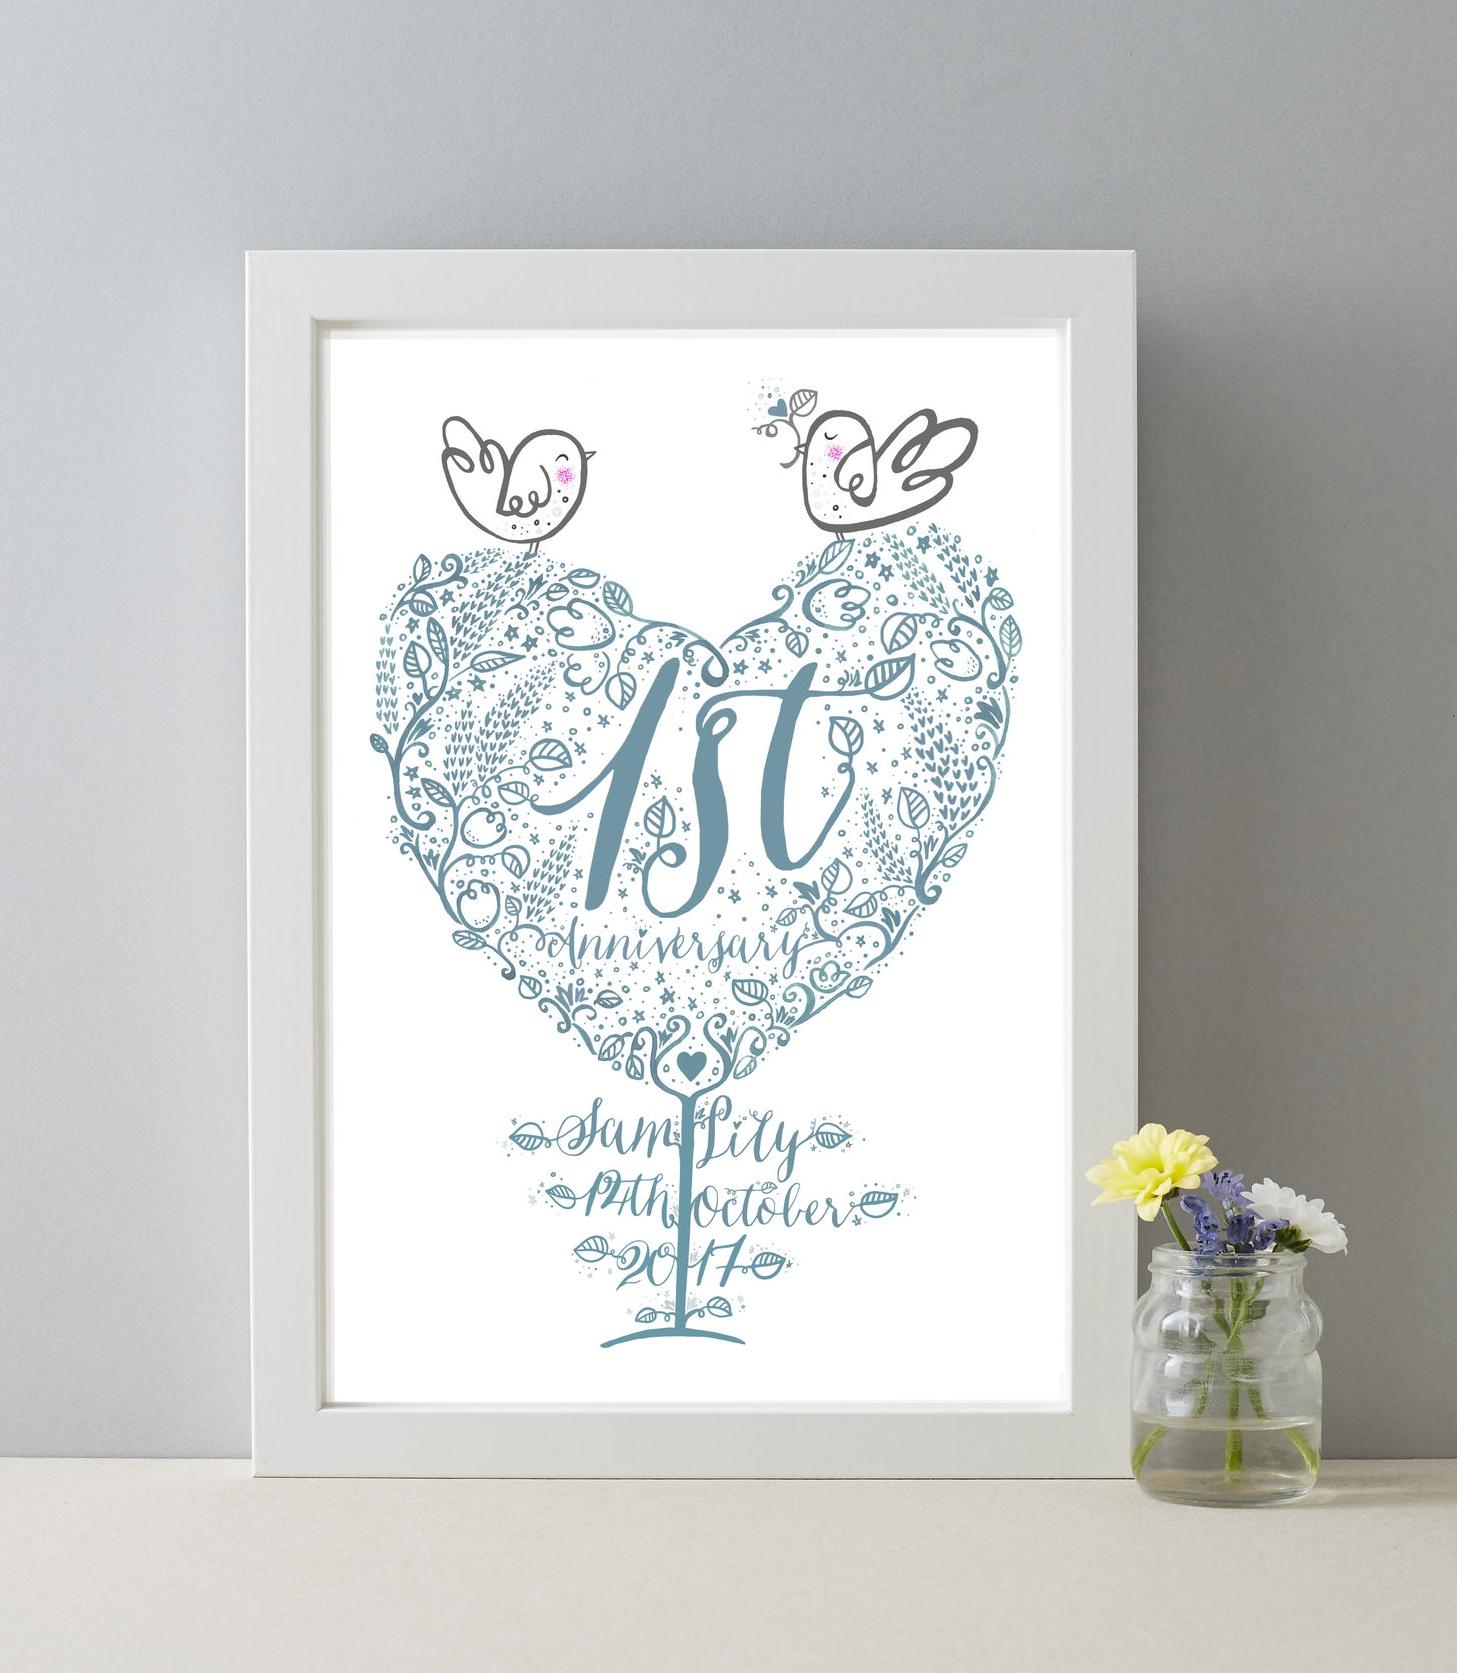 1st wedding framed.jpg